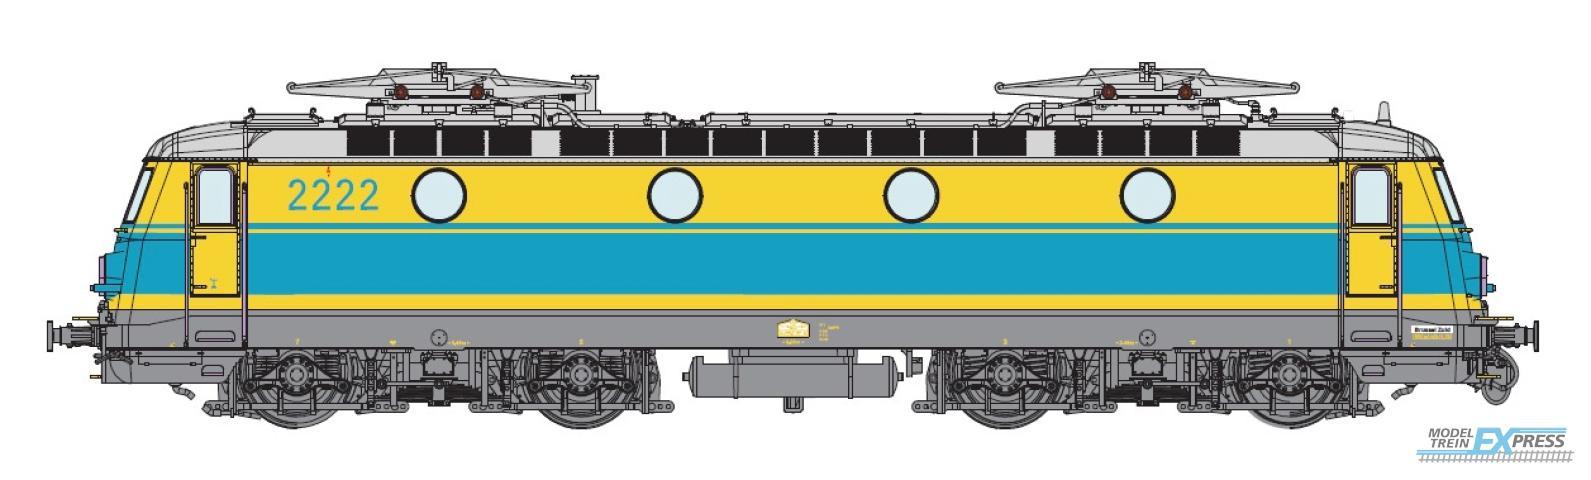 B-Models 3302.04